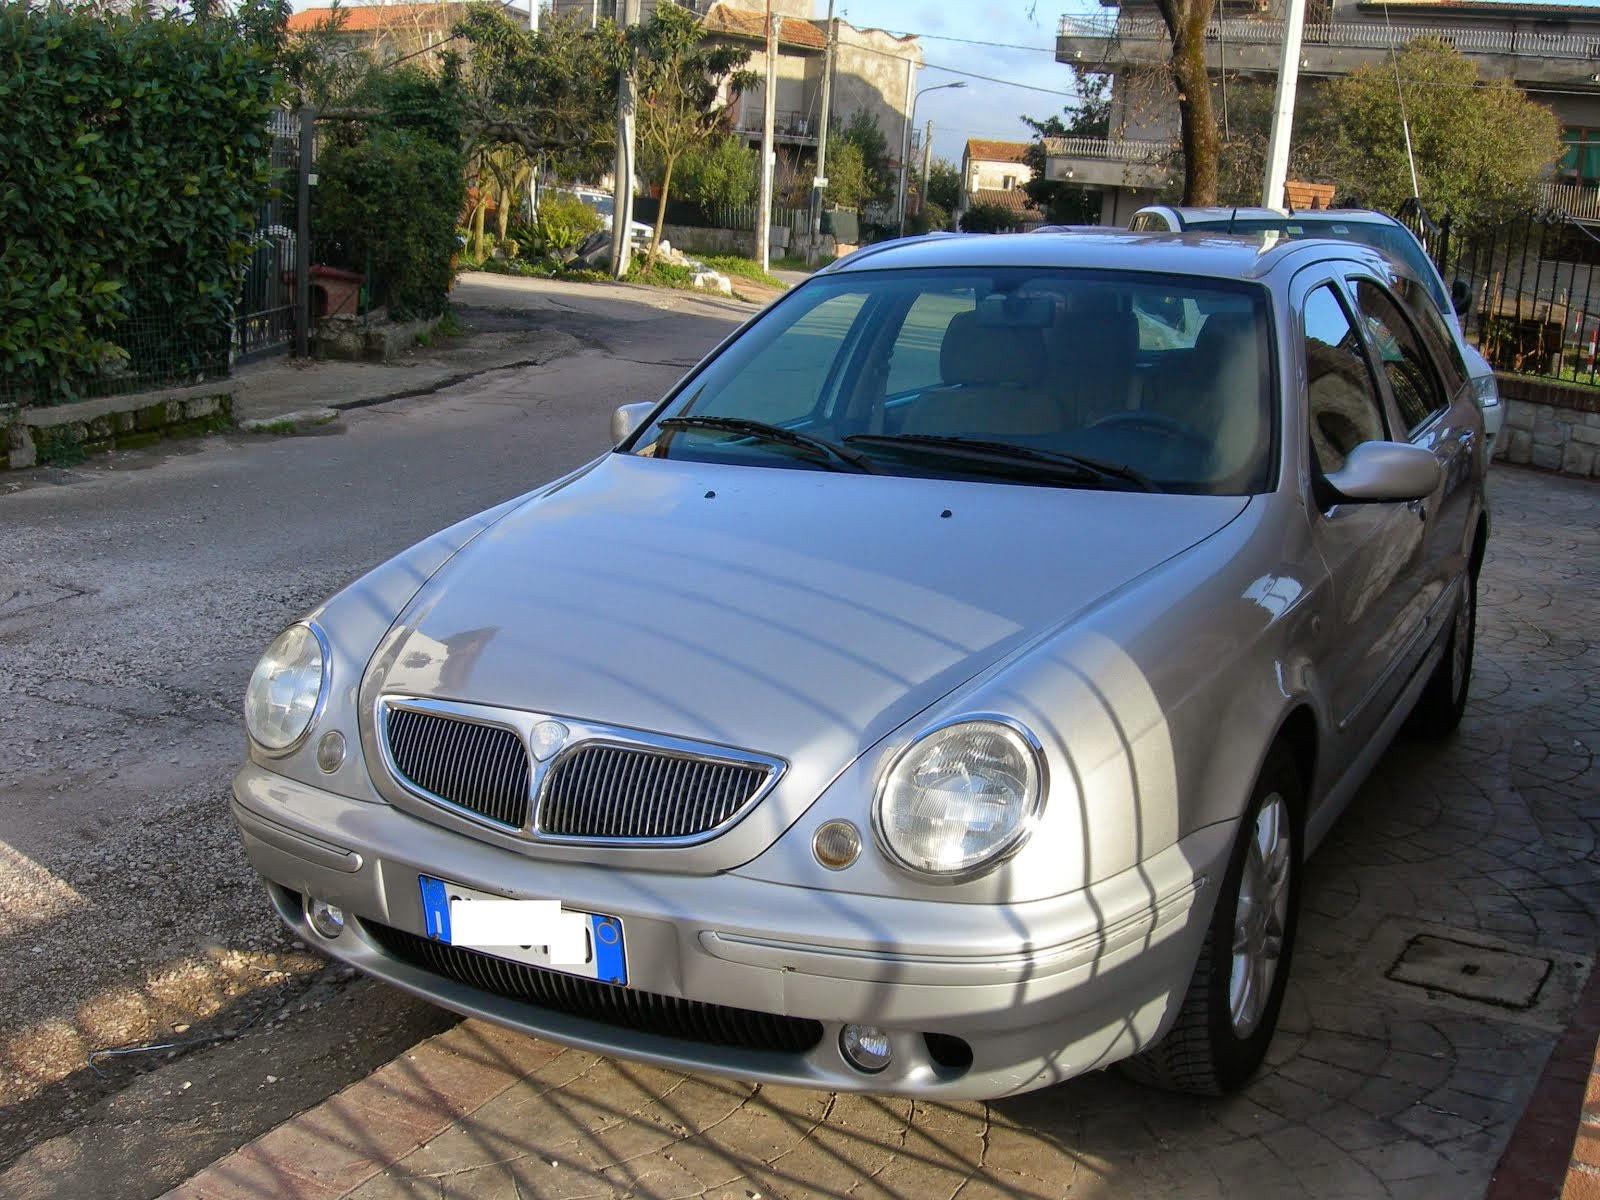 Lancia Lybra 1.9 Jtd 190.000 km Unico prop. Anno 2004